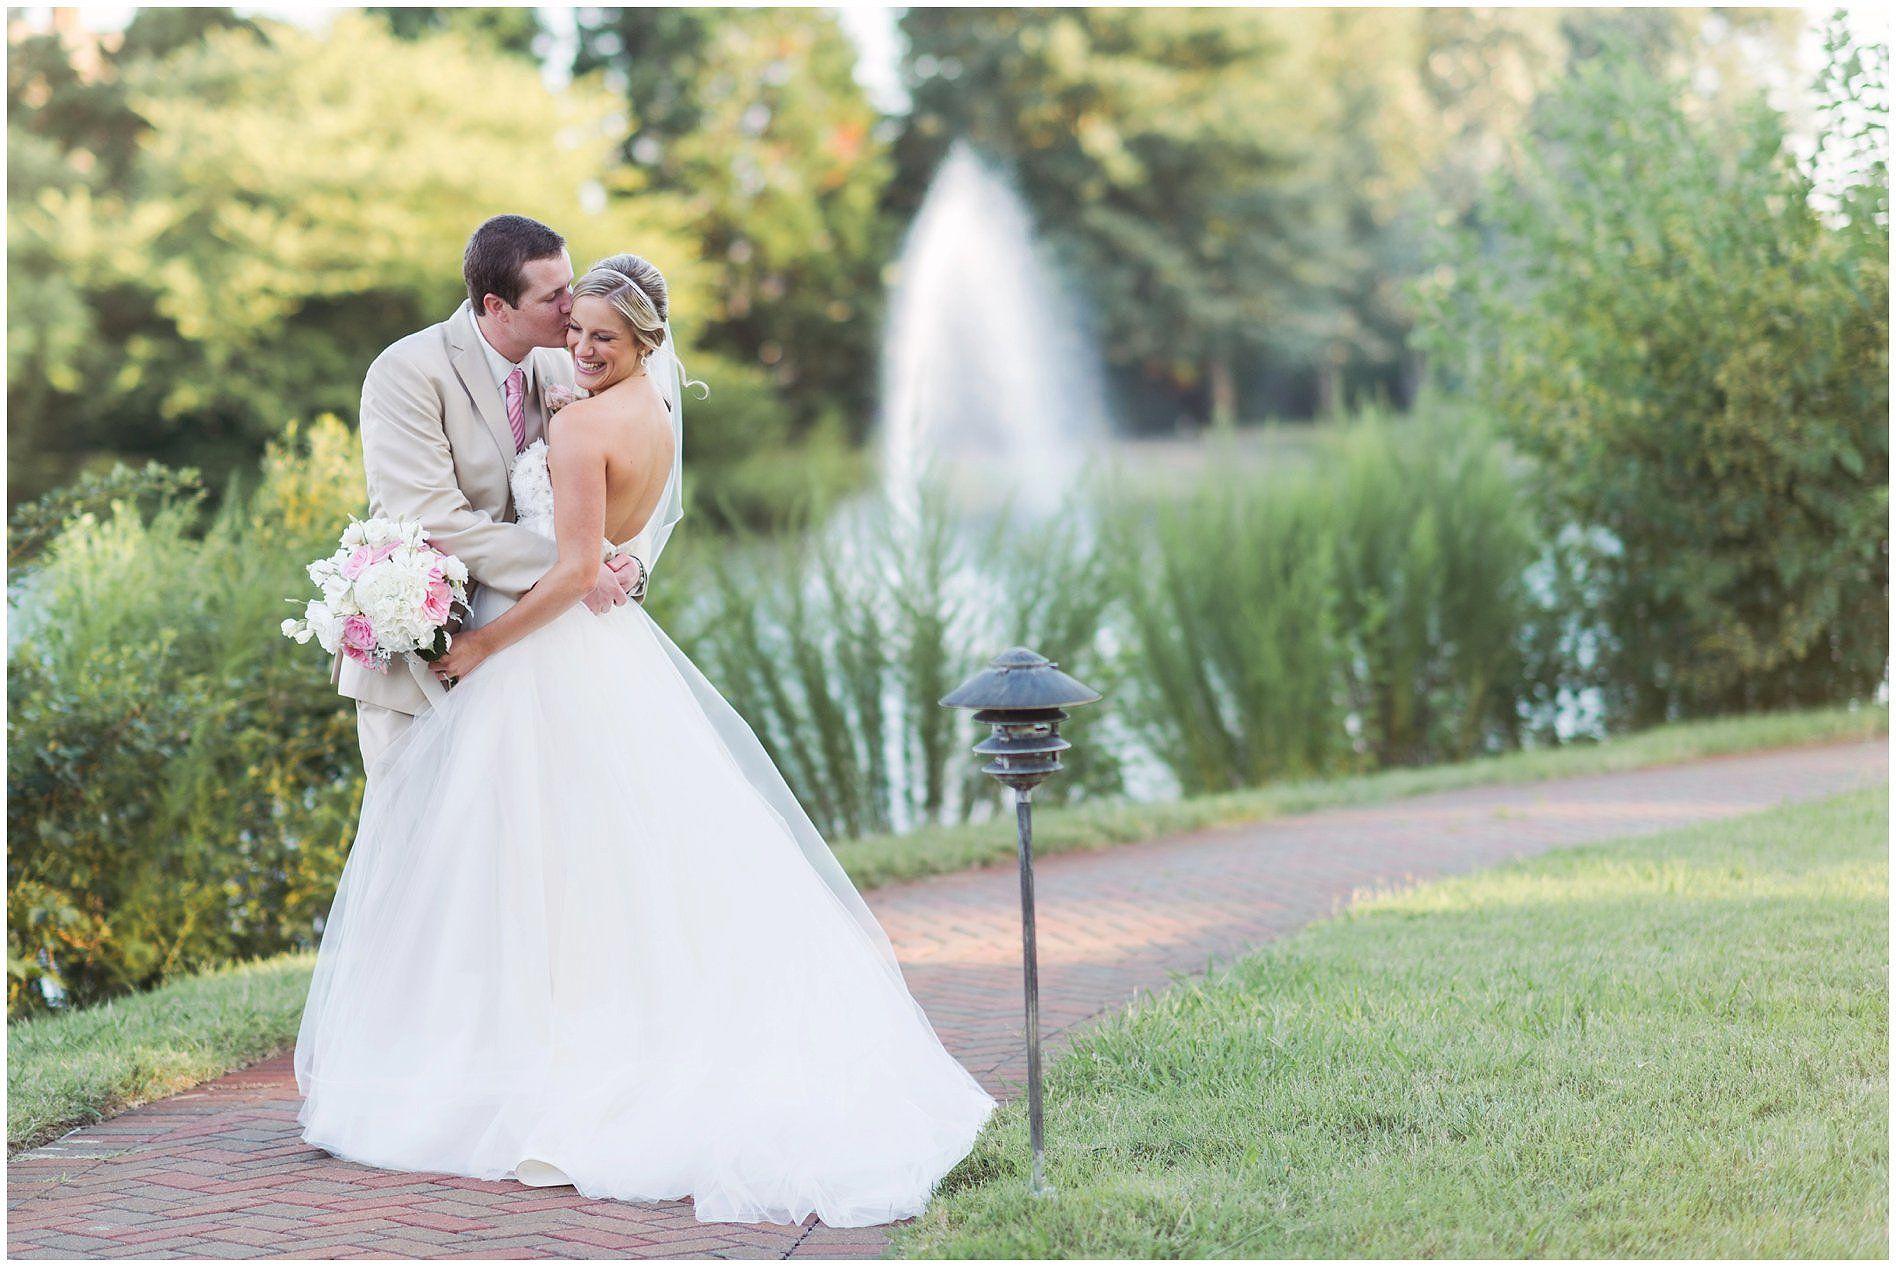 Wedding venues in virginia beach va  Mary Jo u Matt A Founders Inn Wedding  Virginia Beach Photographer